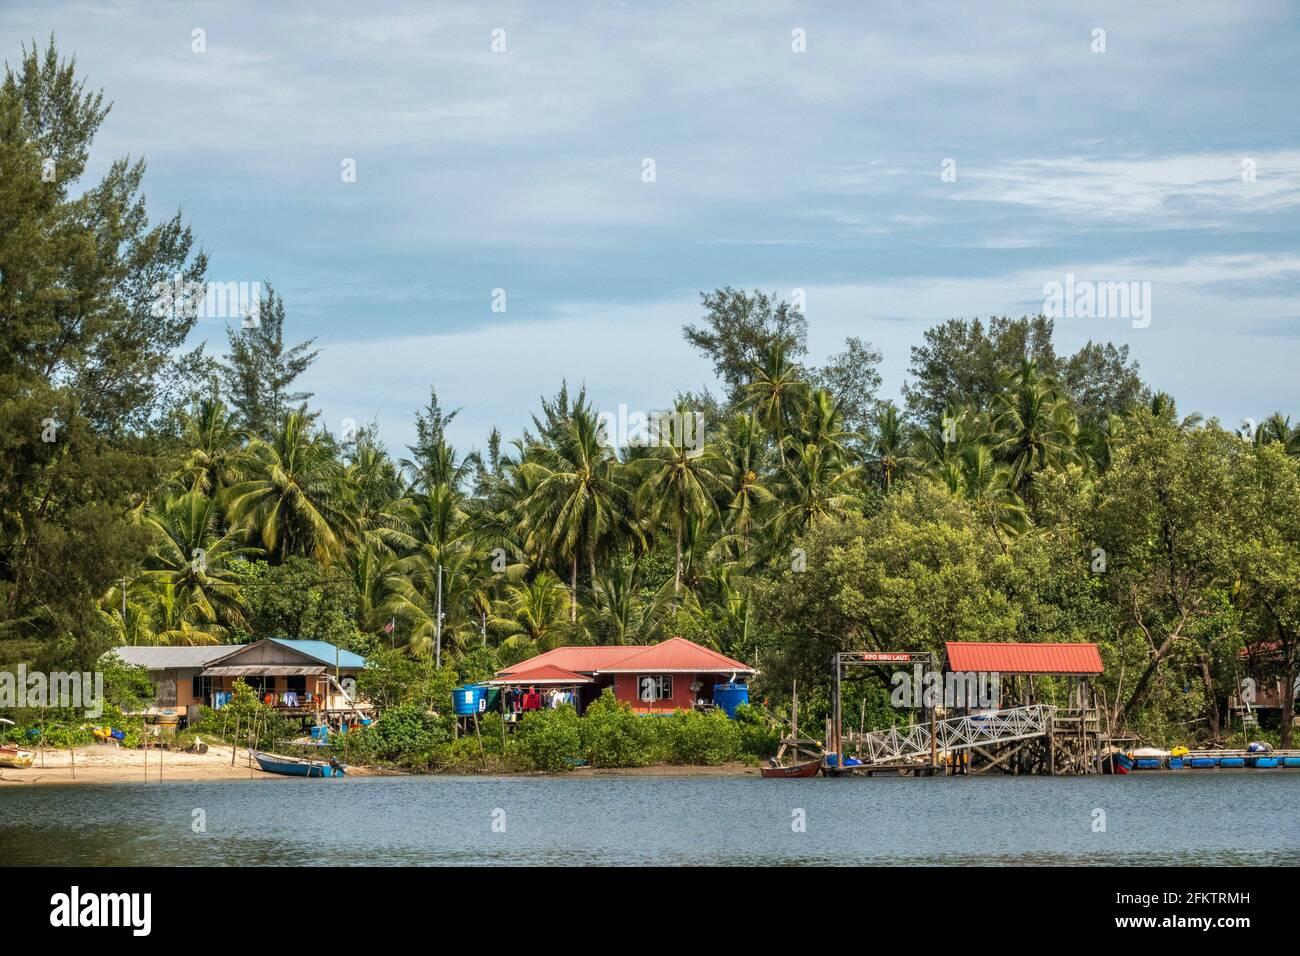 Croisière le long de la rive aérienne de Sibu Laut-Telaga, Matang, Sarawak, Malaisie Banque D'Images